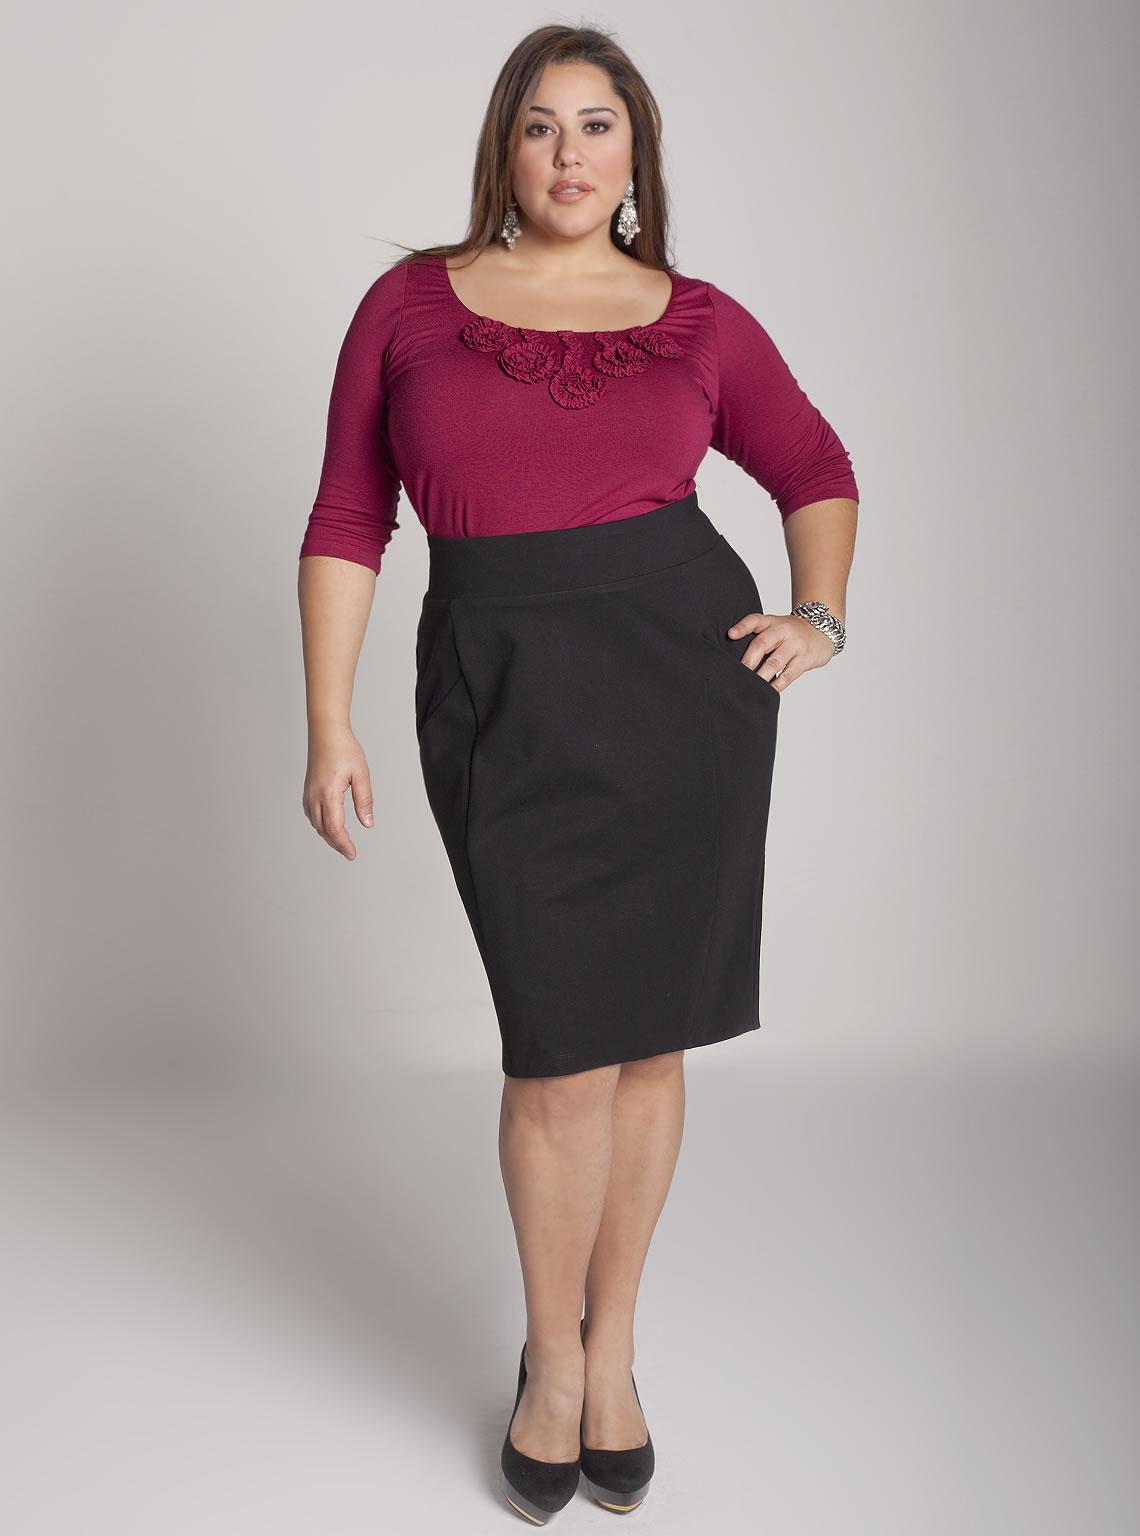 Model Dress Pendek Untuk Tubuh Gemuk Terbaru